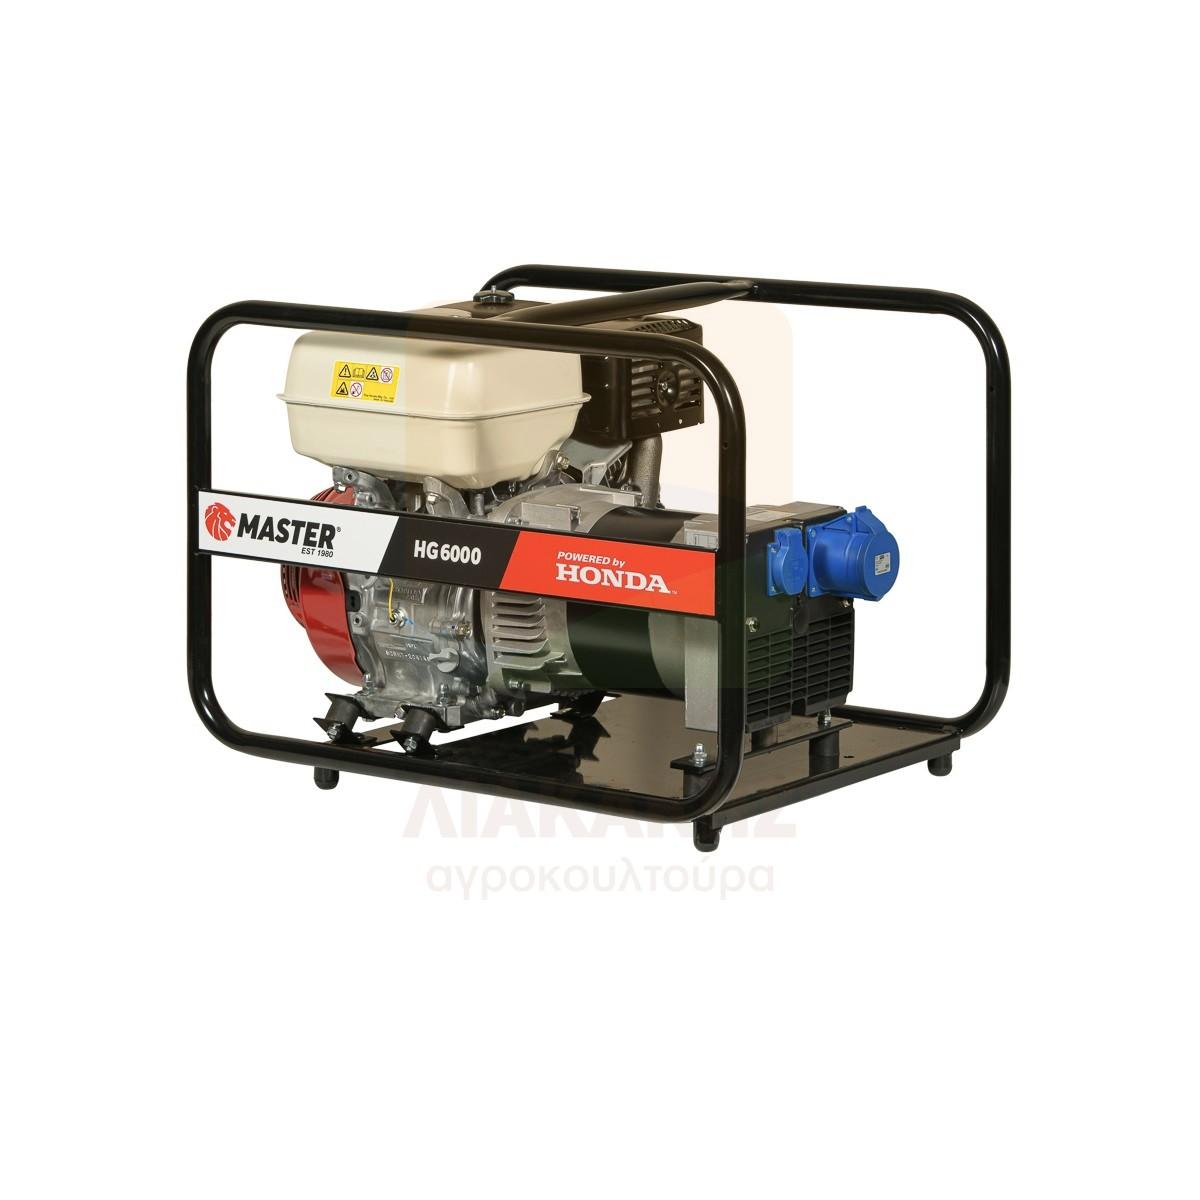 Γεννήτρια βενζίνης μονοφασική 4.5 kVA MASTER